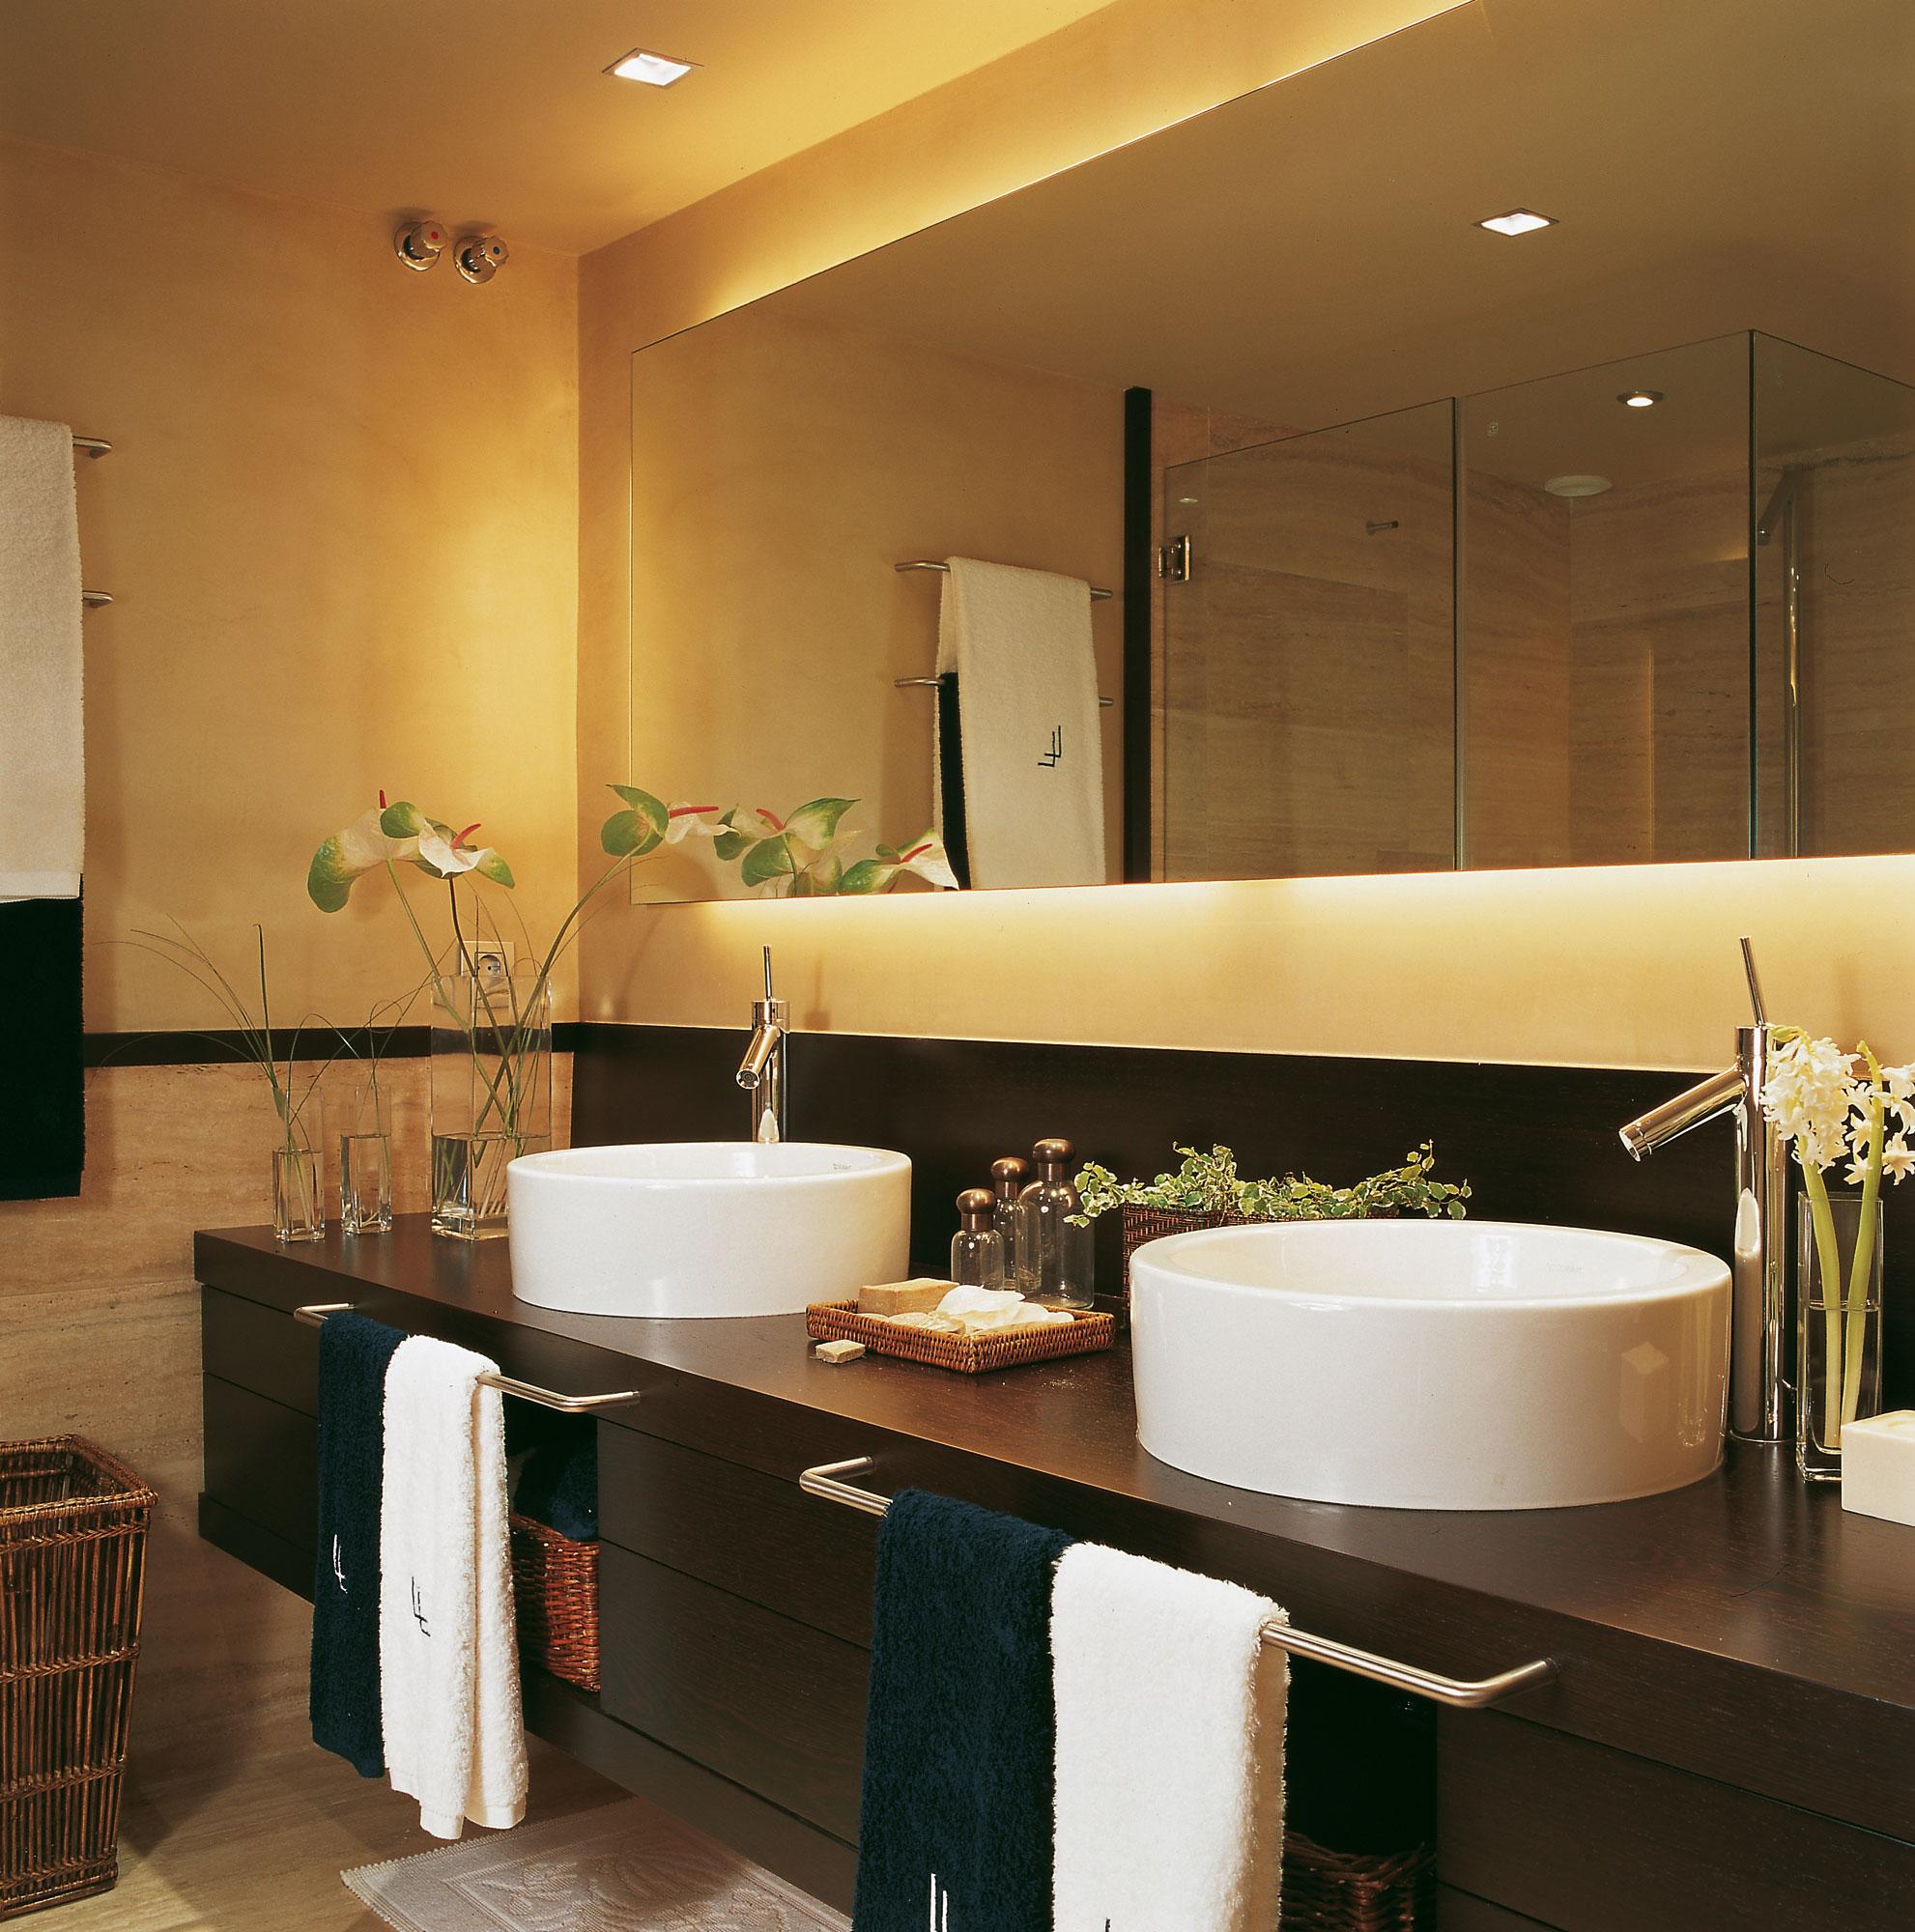 Renueva tu casa en solo una hora con estas ideas f ciles y econ micas - Espejo retroiluminado bano ...